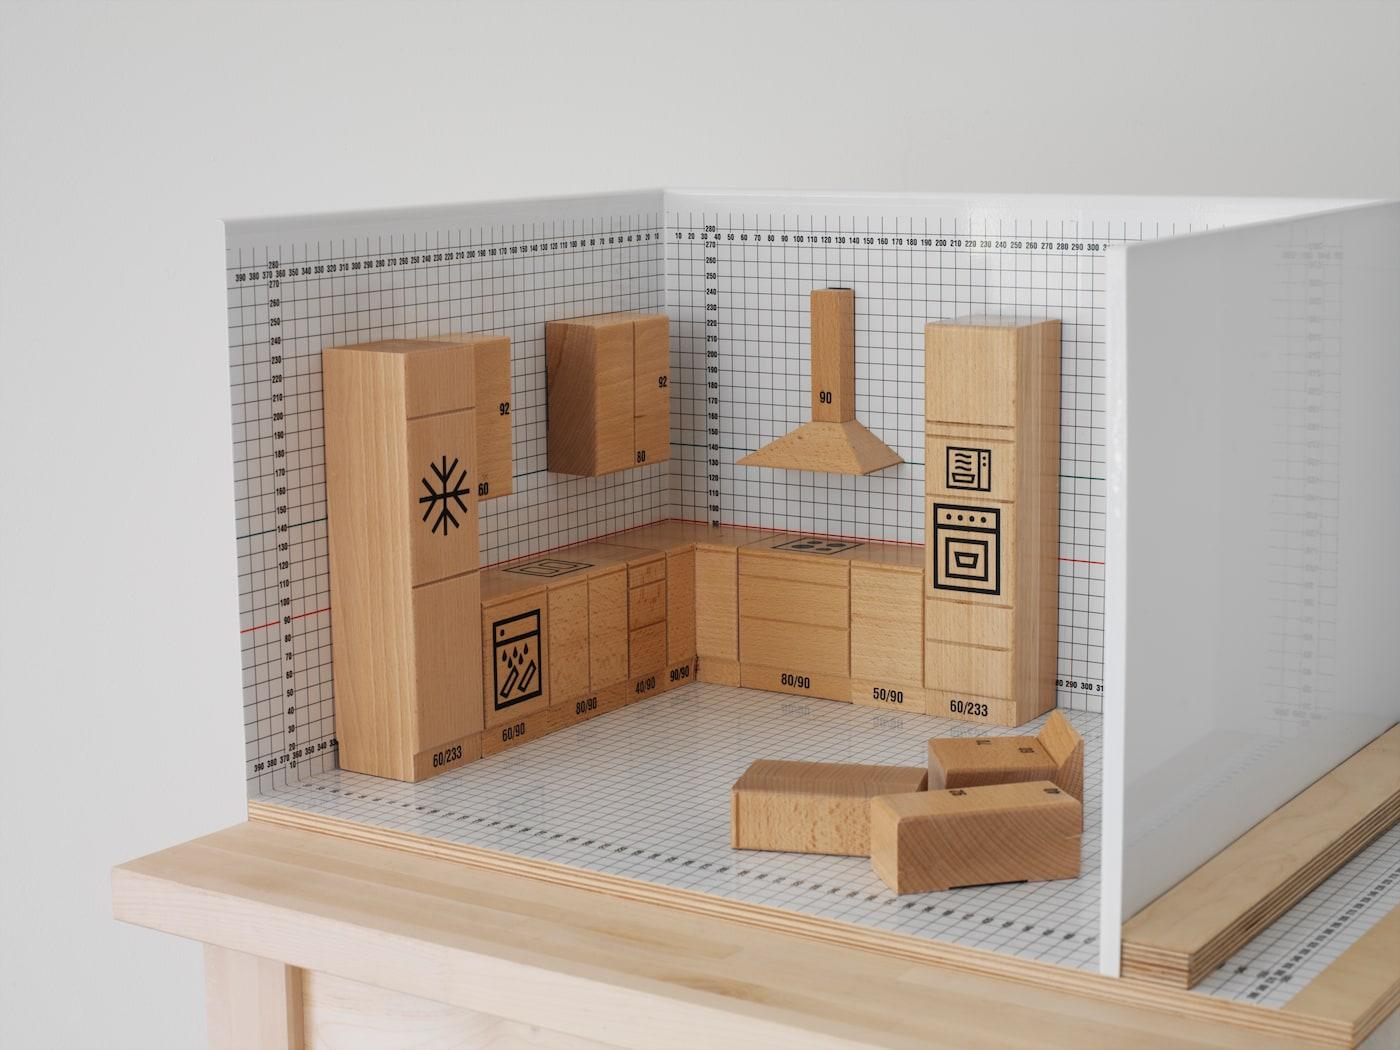 Cómo diseñar una cocina con IKEA